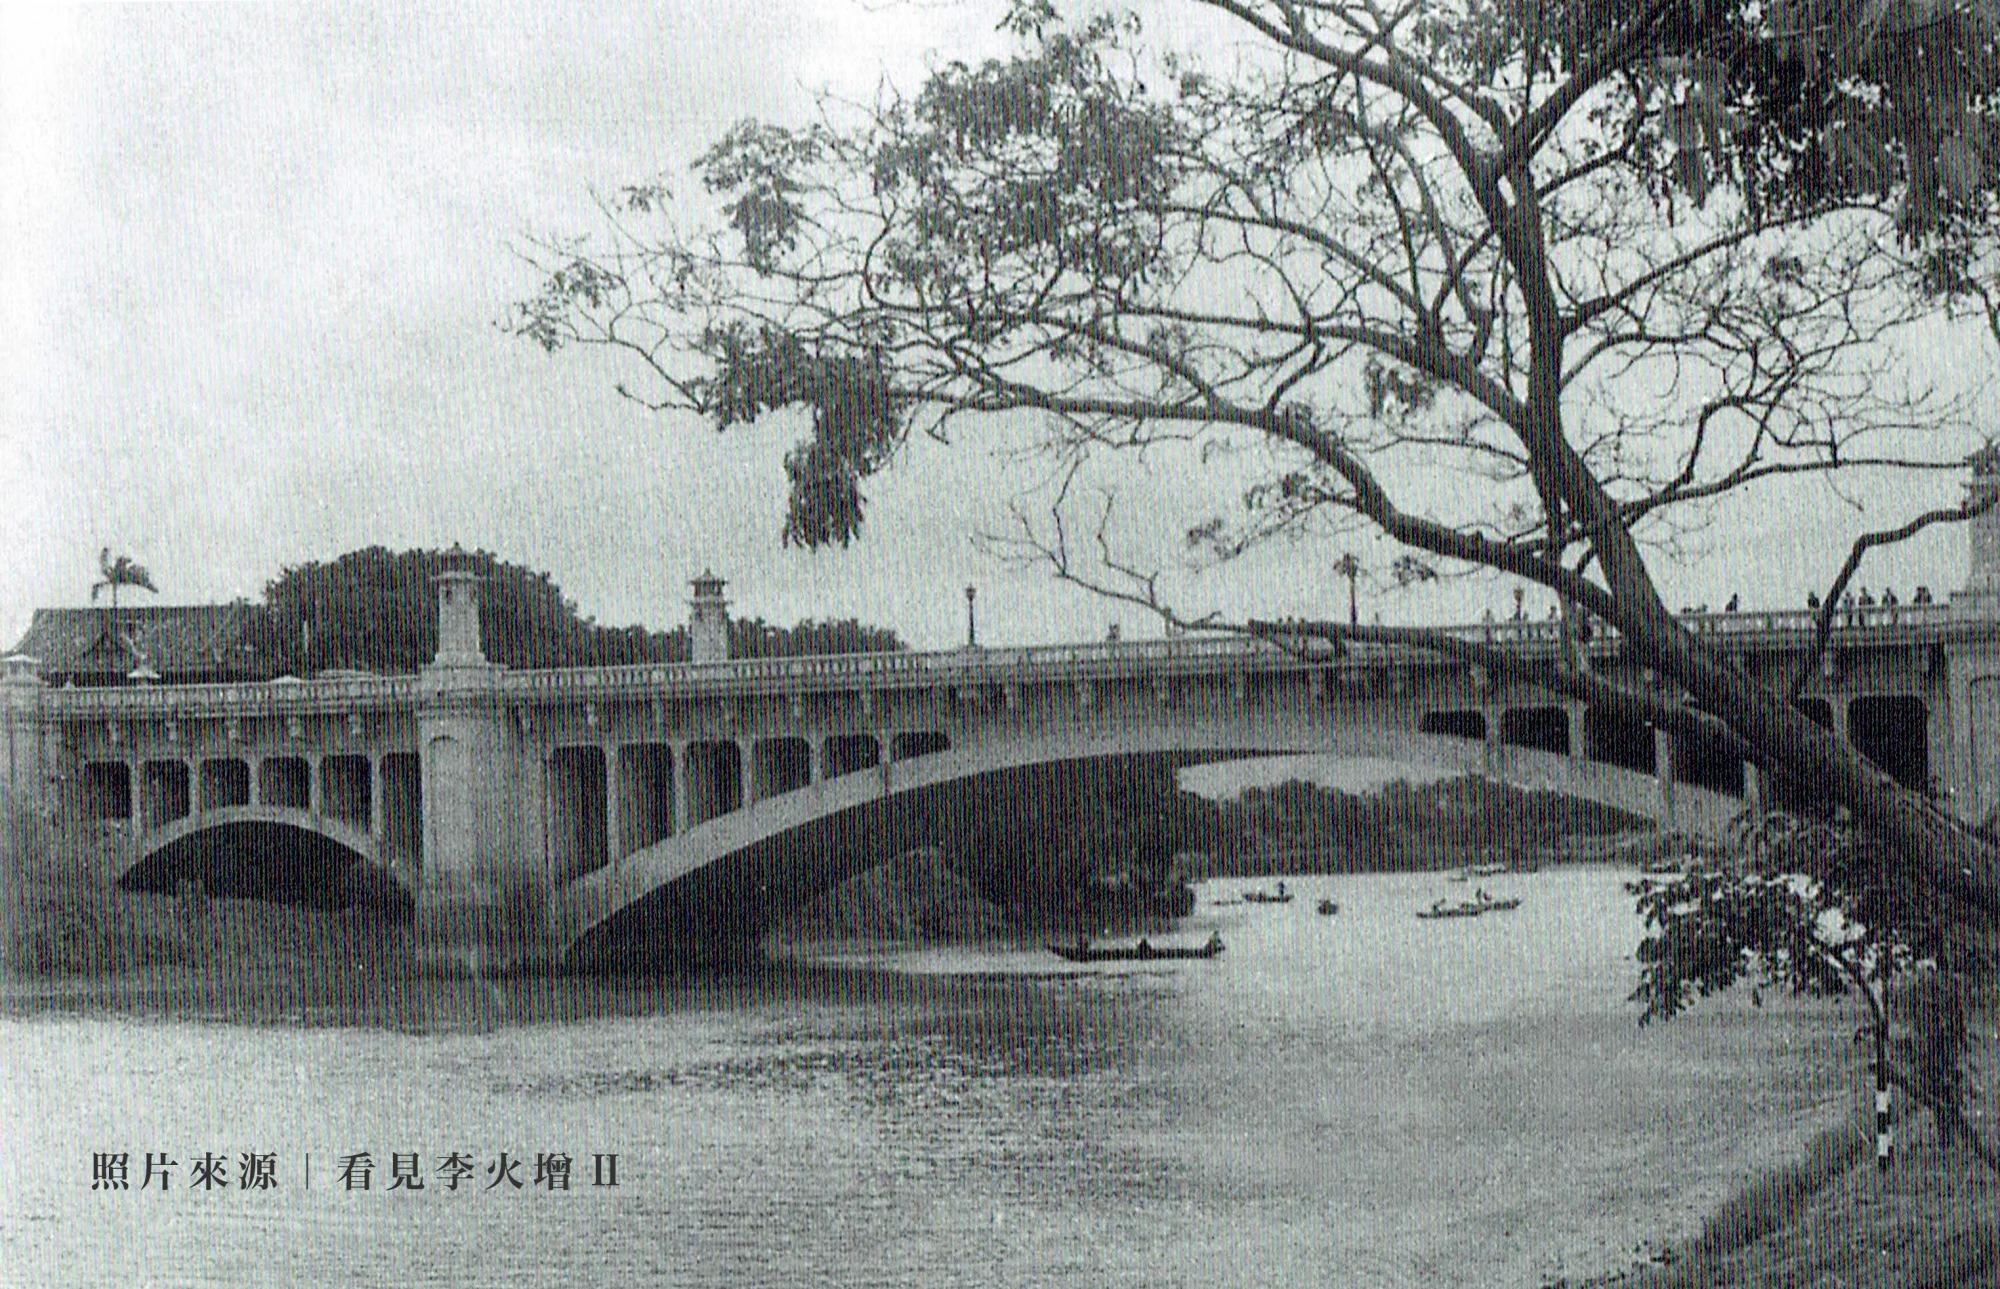 照片來源:看見李火增Ⅱ (7) 明治橋拷貝.jpg